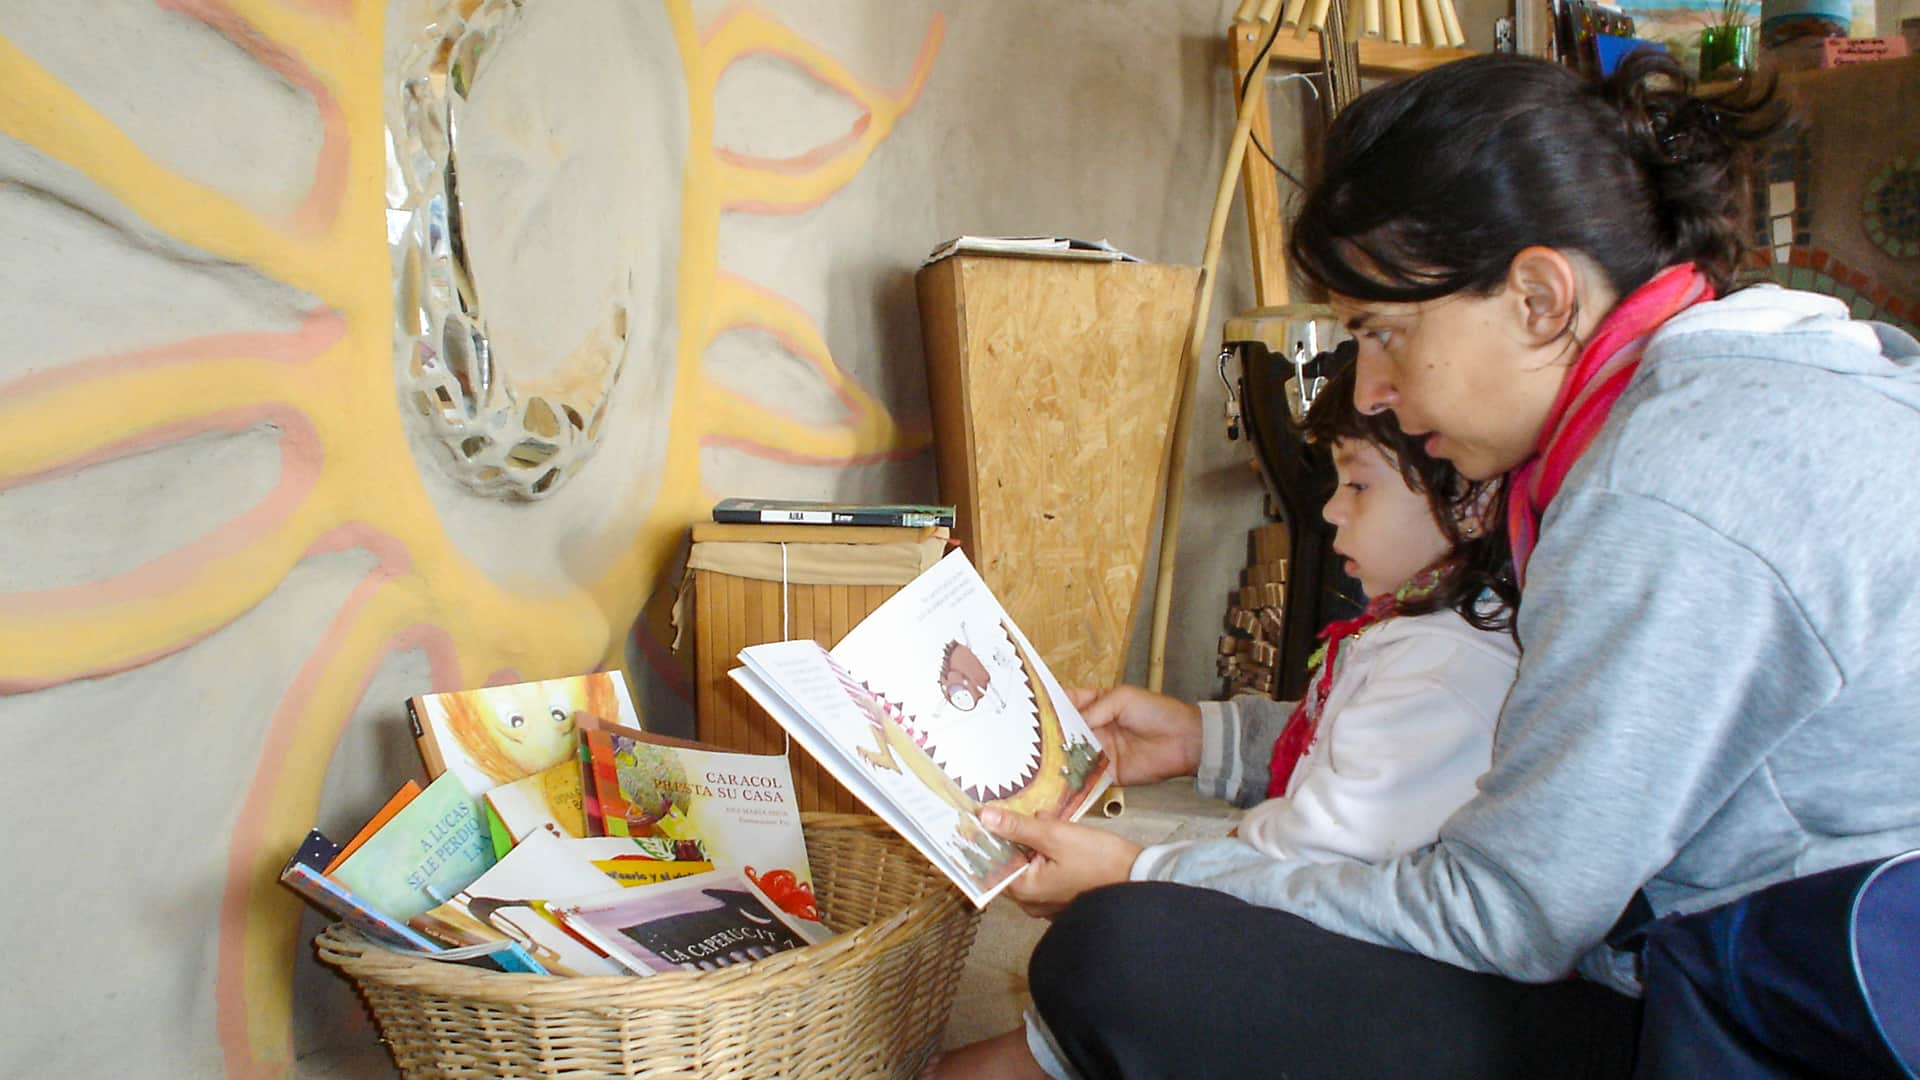 Conjugan literatura y juegos para potenciar la comprensión lectora de los niños y niñas